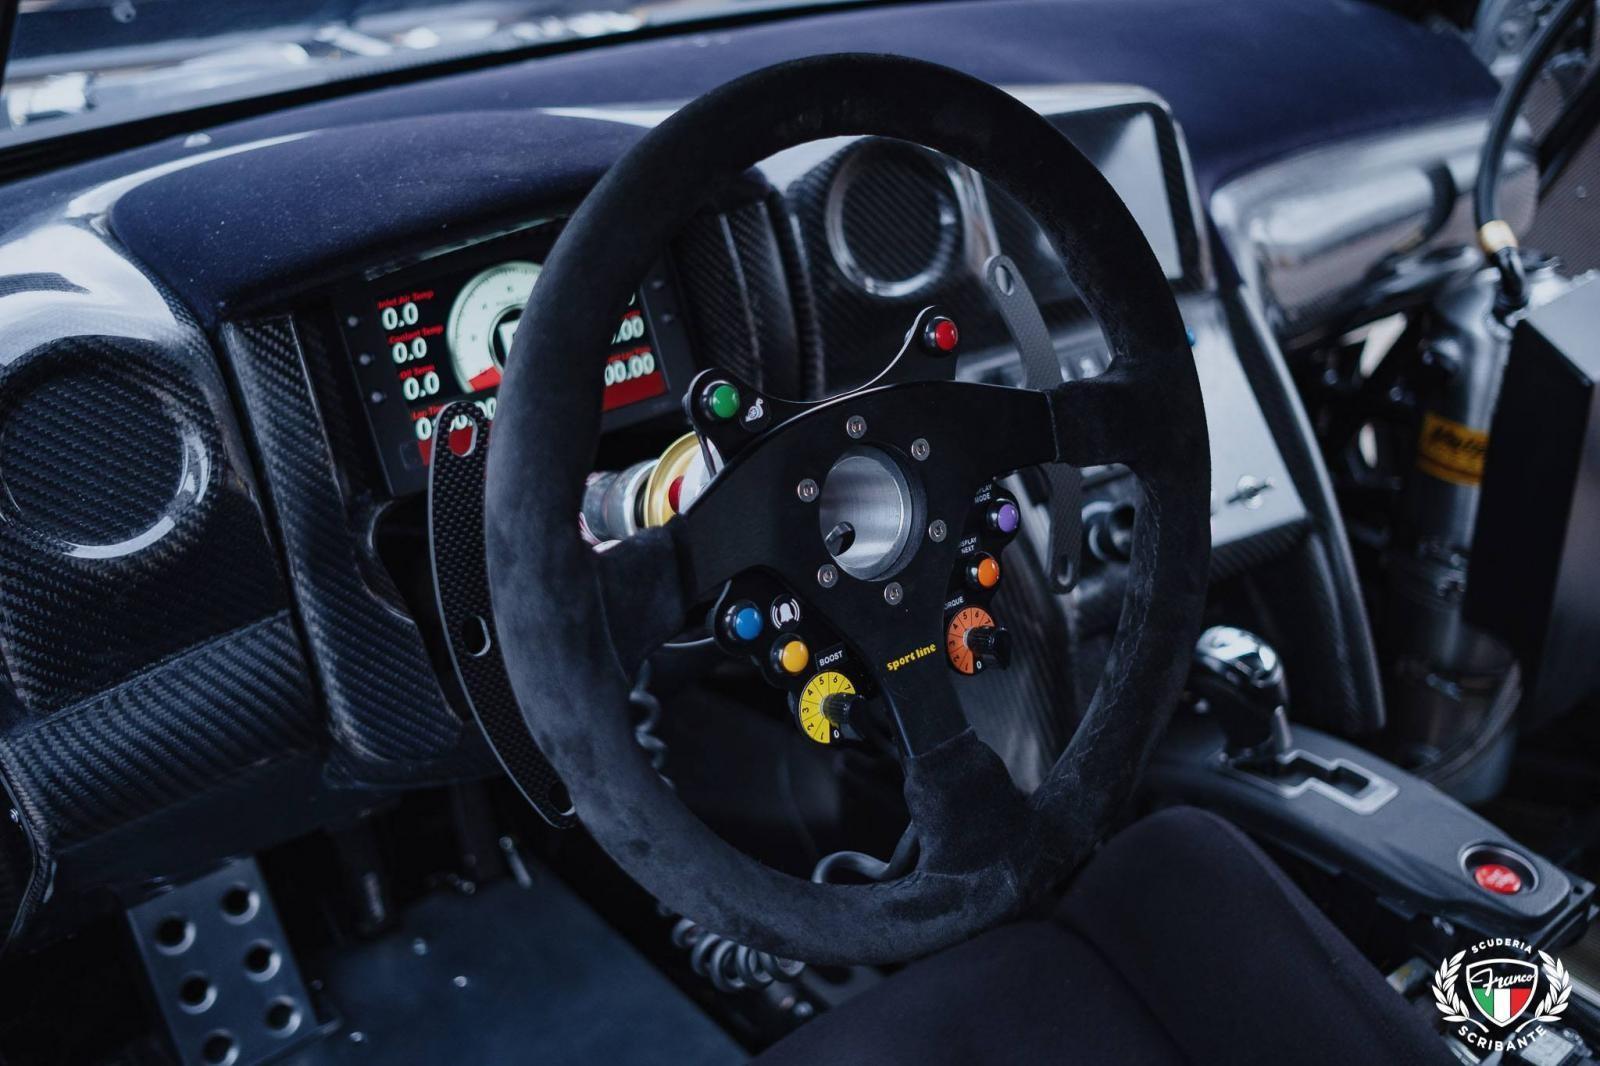 Trang bị ngồi lái của xe có thêm nhiều nút bấm điều khiển